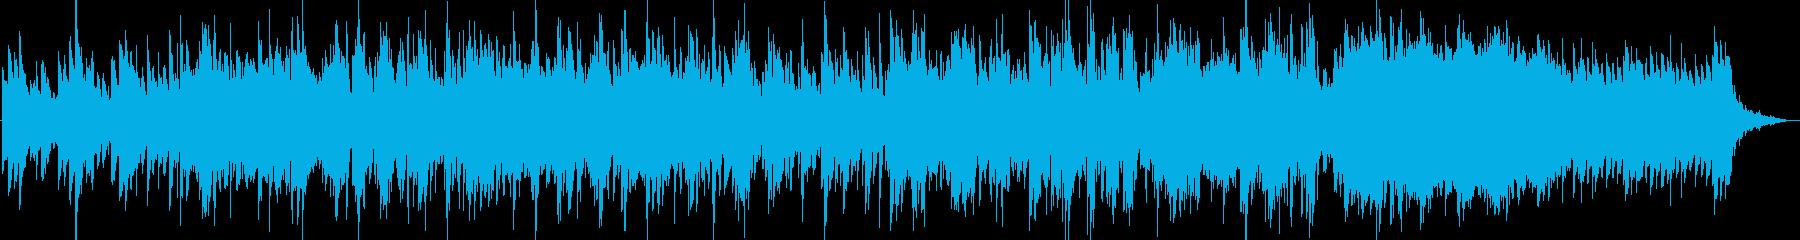 スペーシーな、サイエンスフィクショ...の再生済みの波形